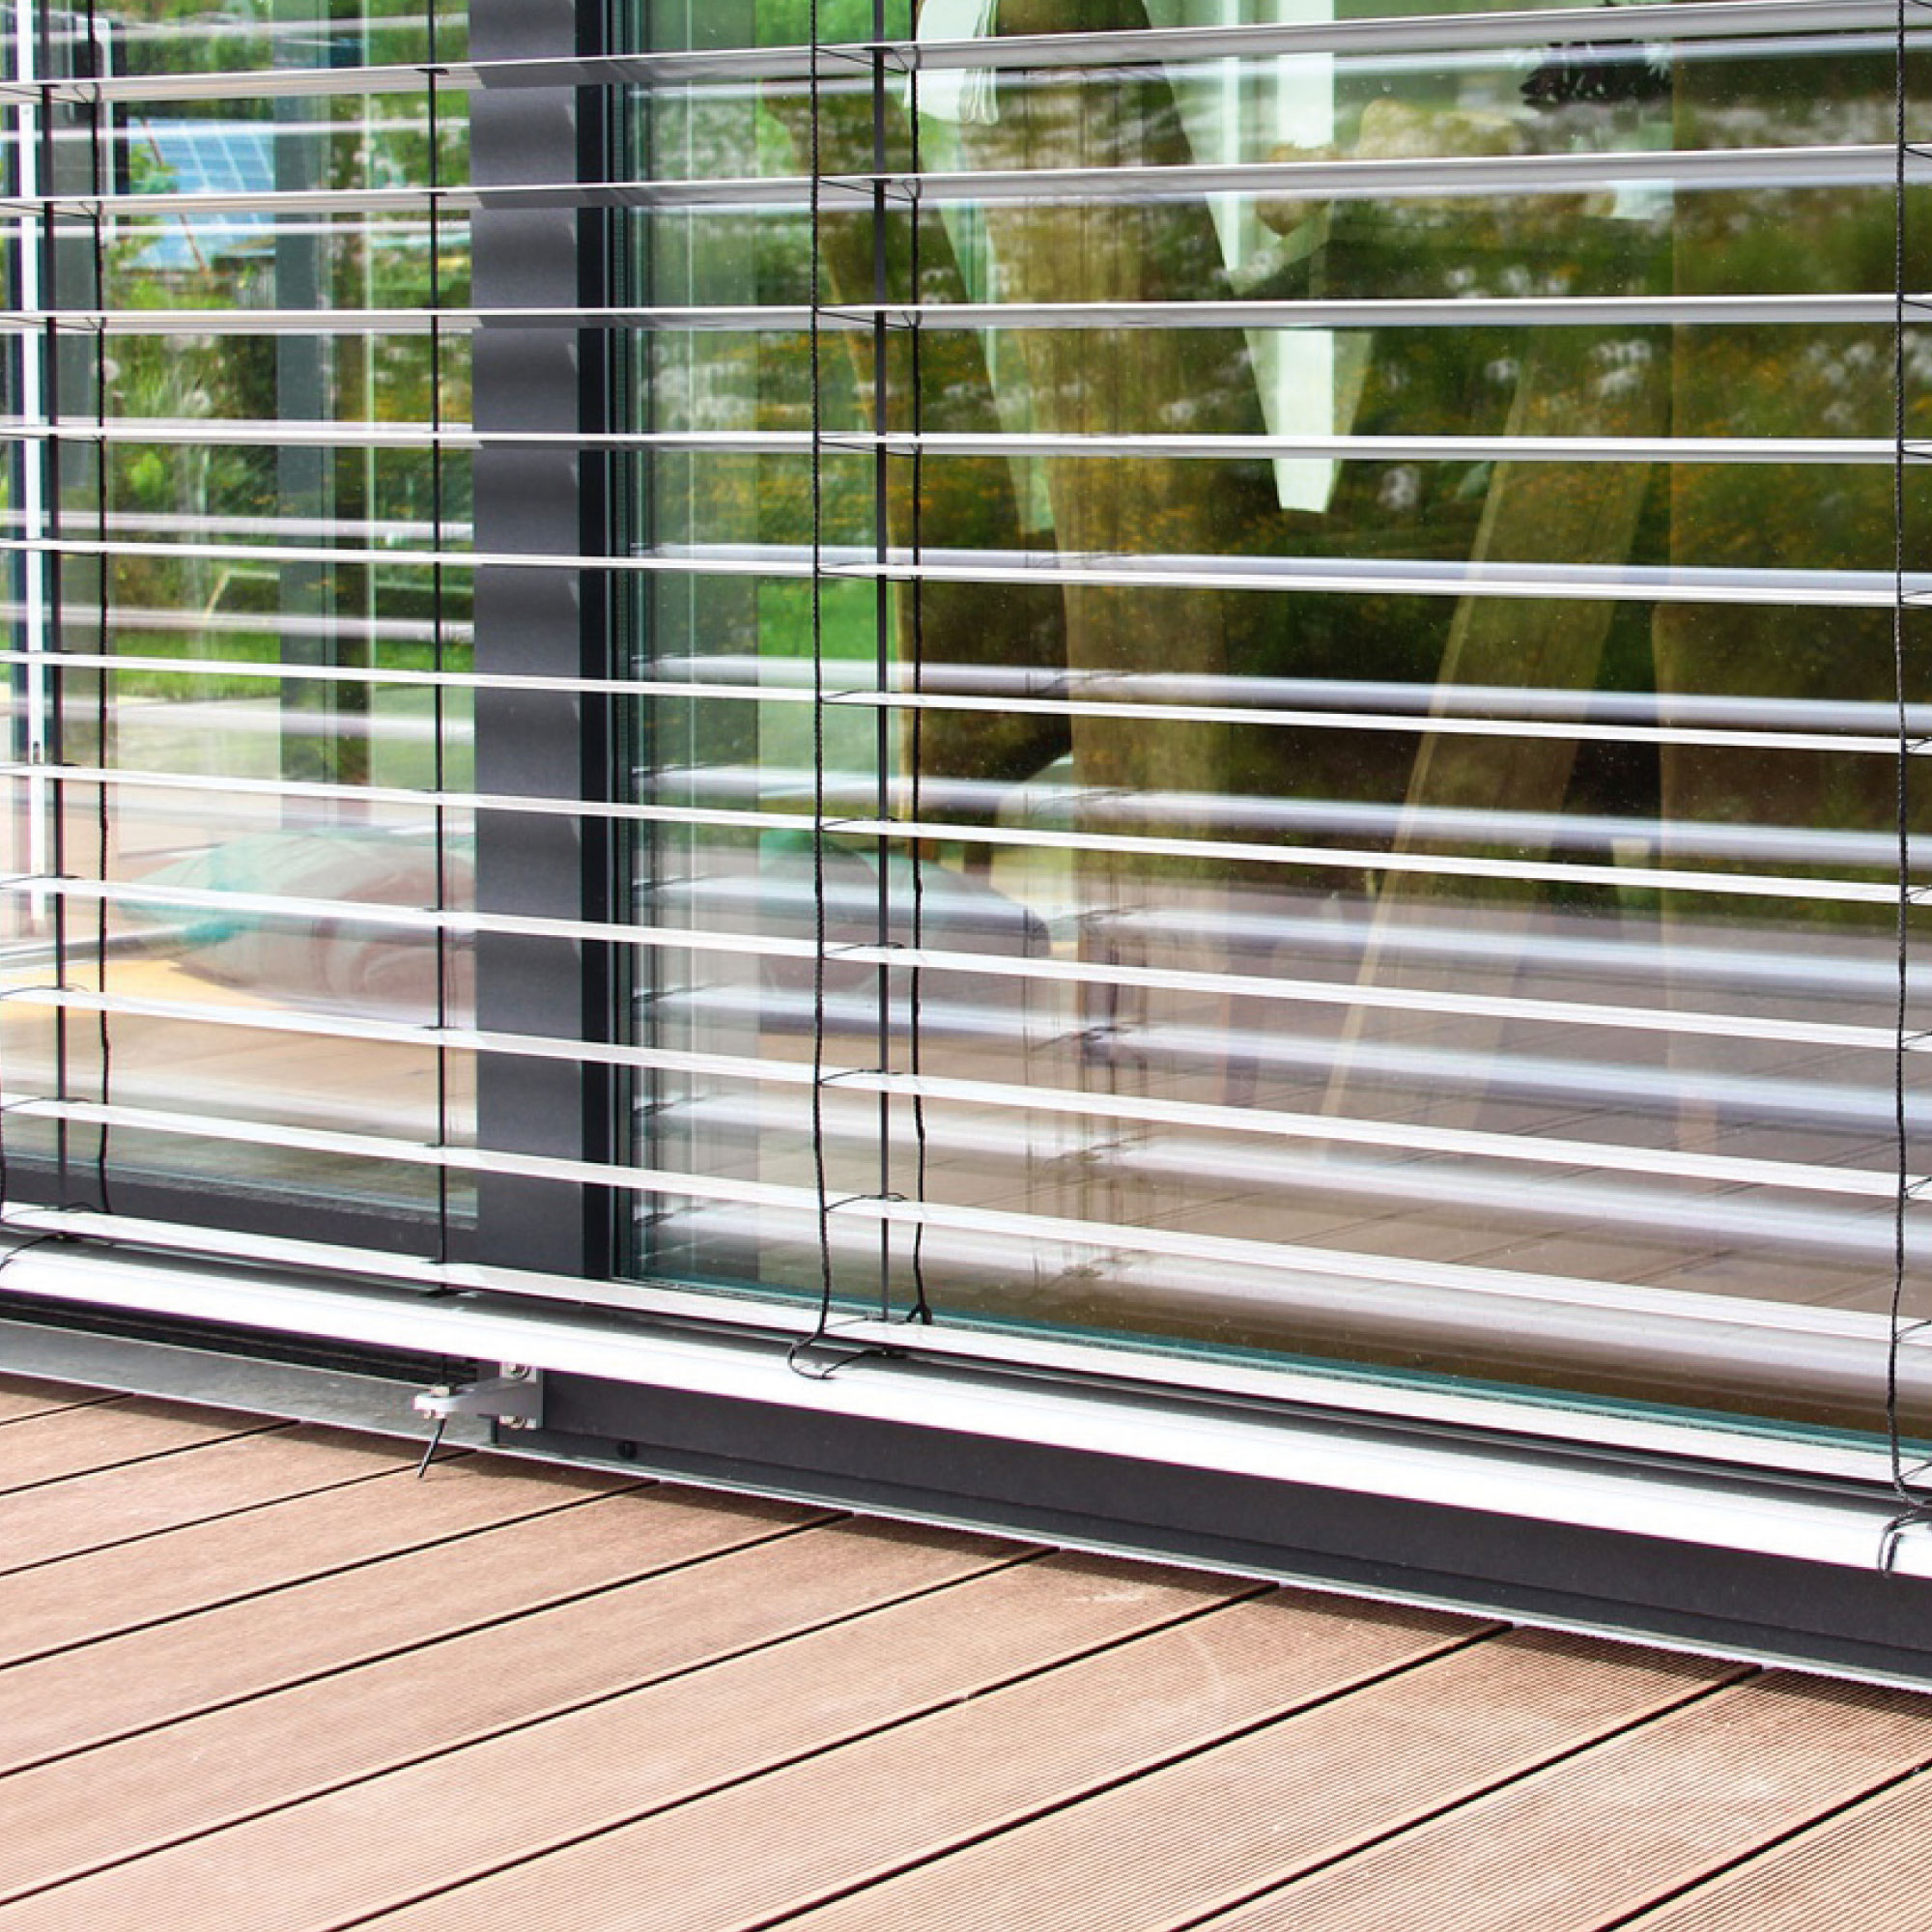 Sicht- und Sonnenschutz durch verstellbare Jalousien in den Apartments der studiosus Wohnanlage